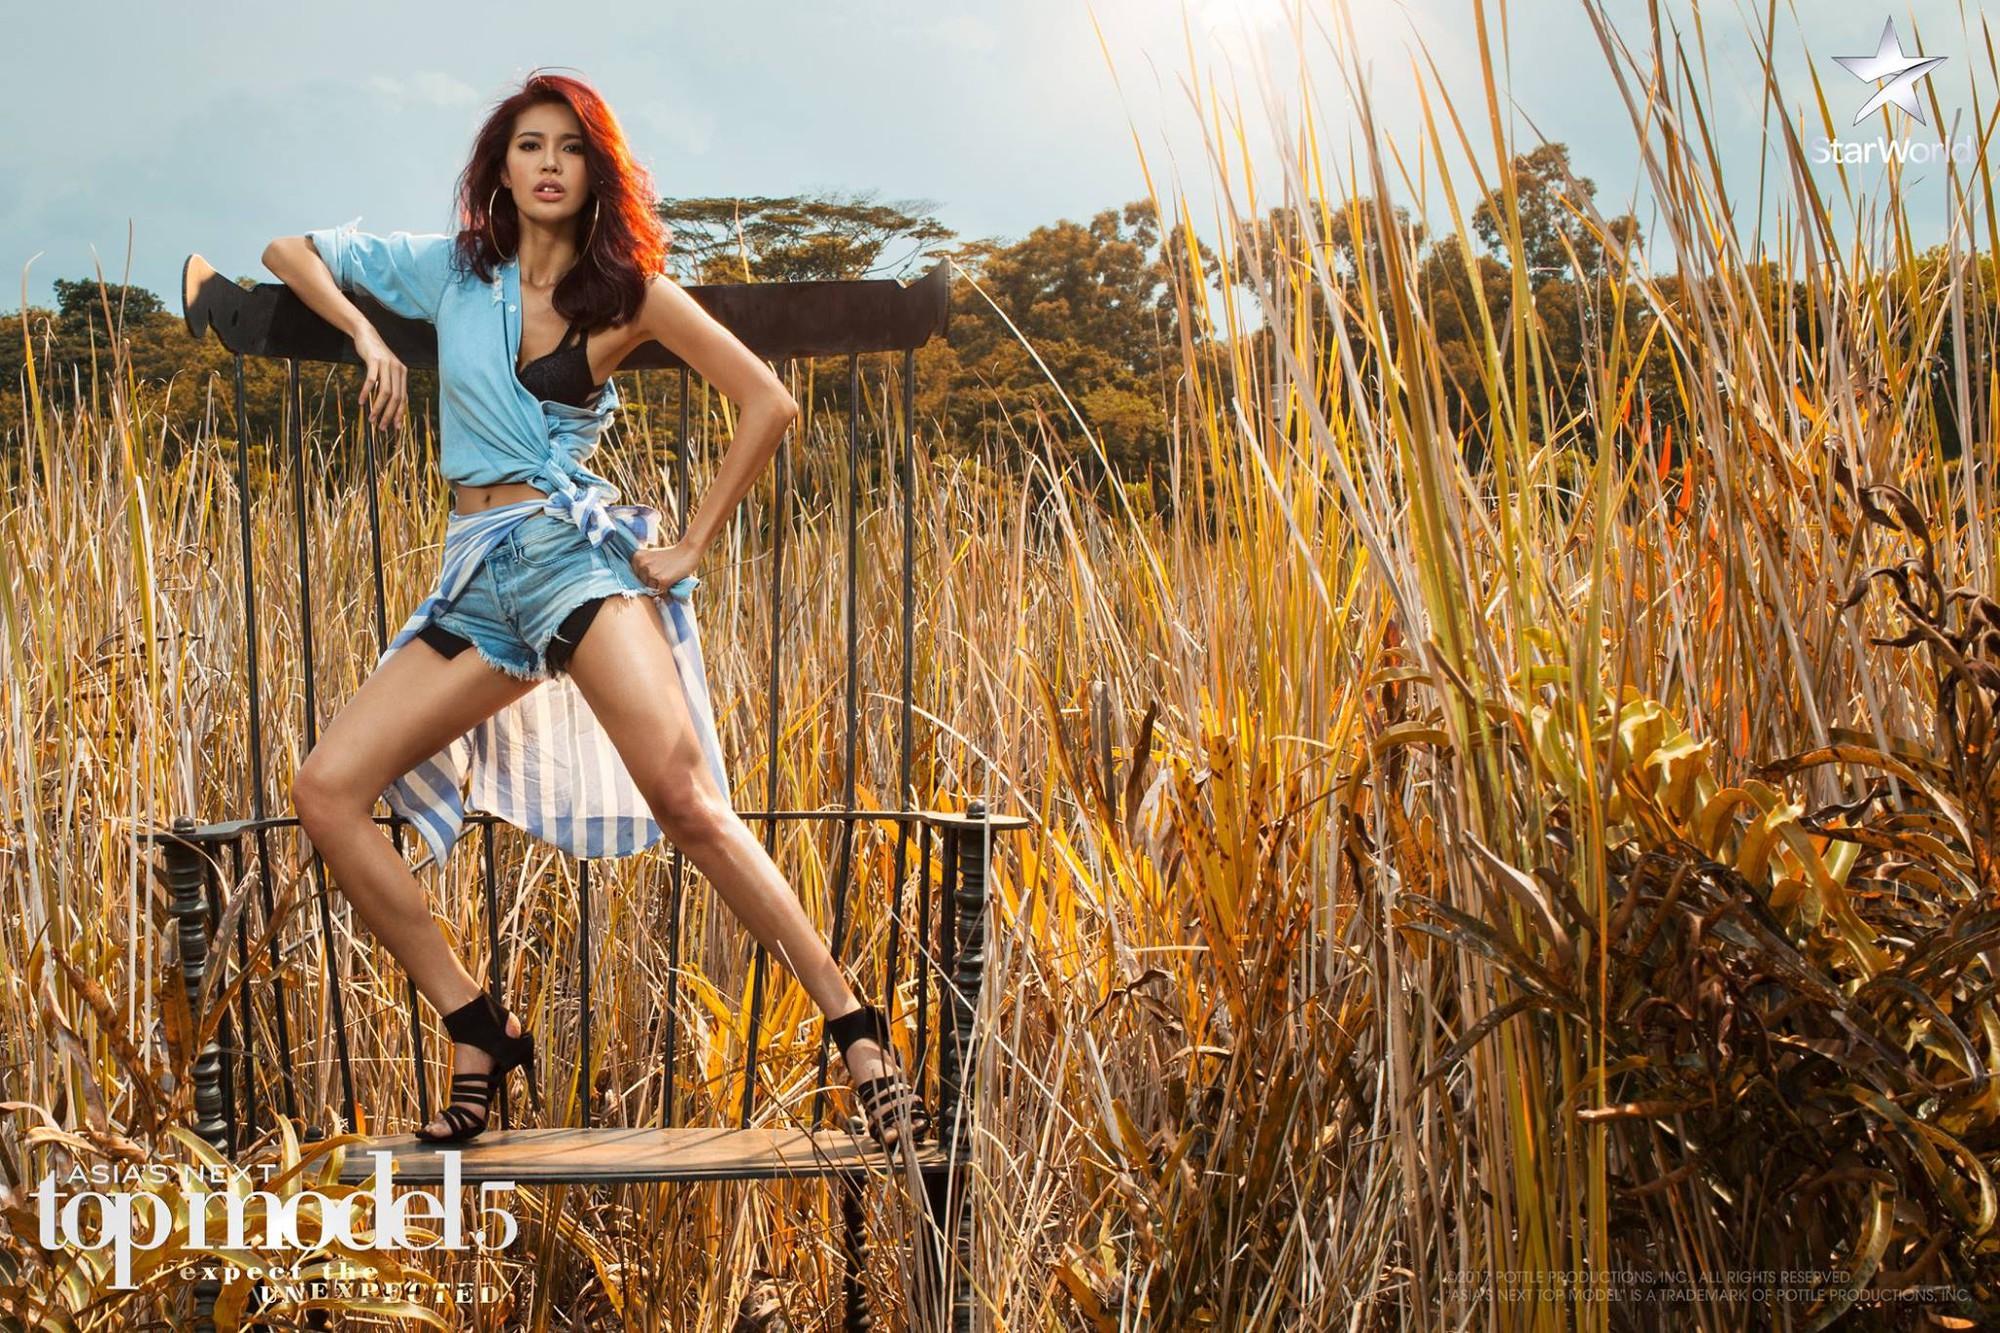 2 mùa Asias Next Top Model liên tiếp, đại diện Việt Nam đều xỉu và thăng hạng ở tập 3! - Ảnh 4.